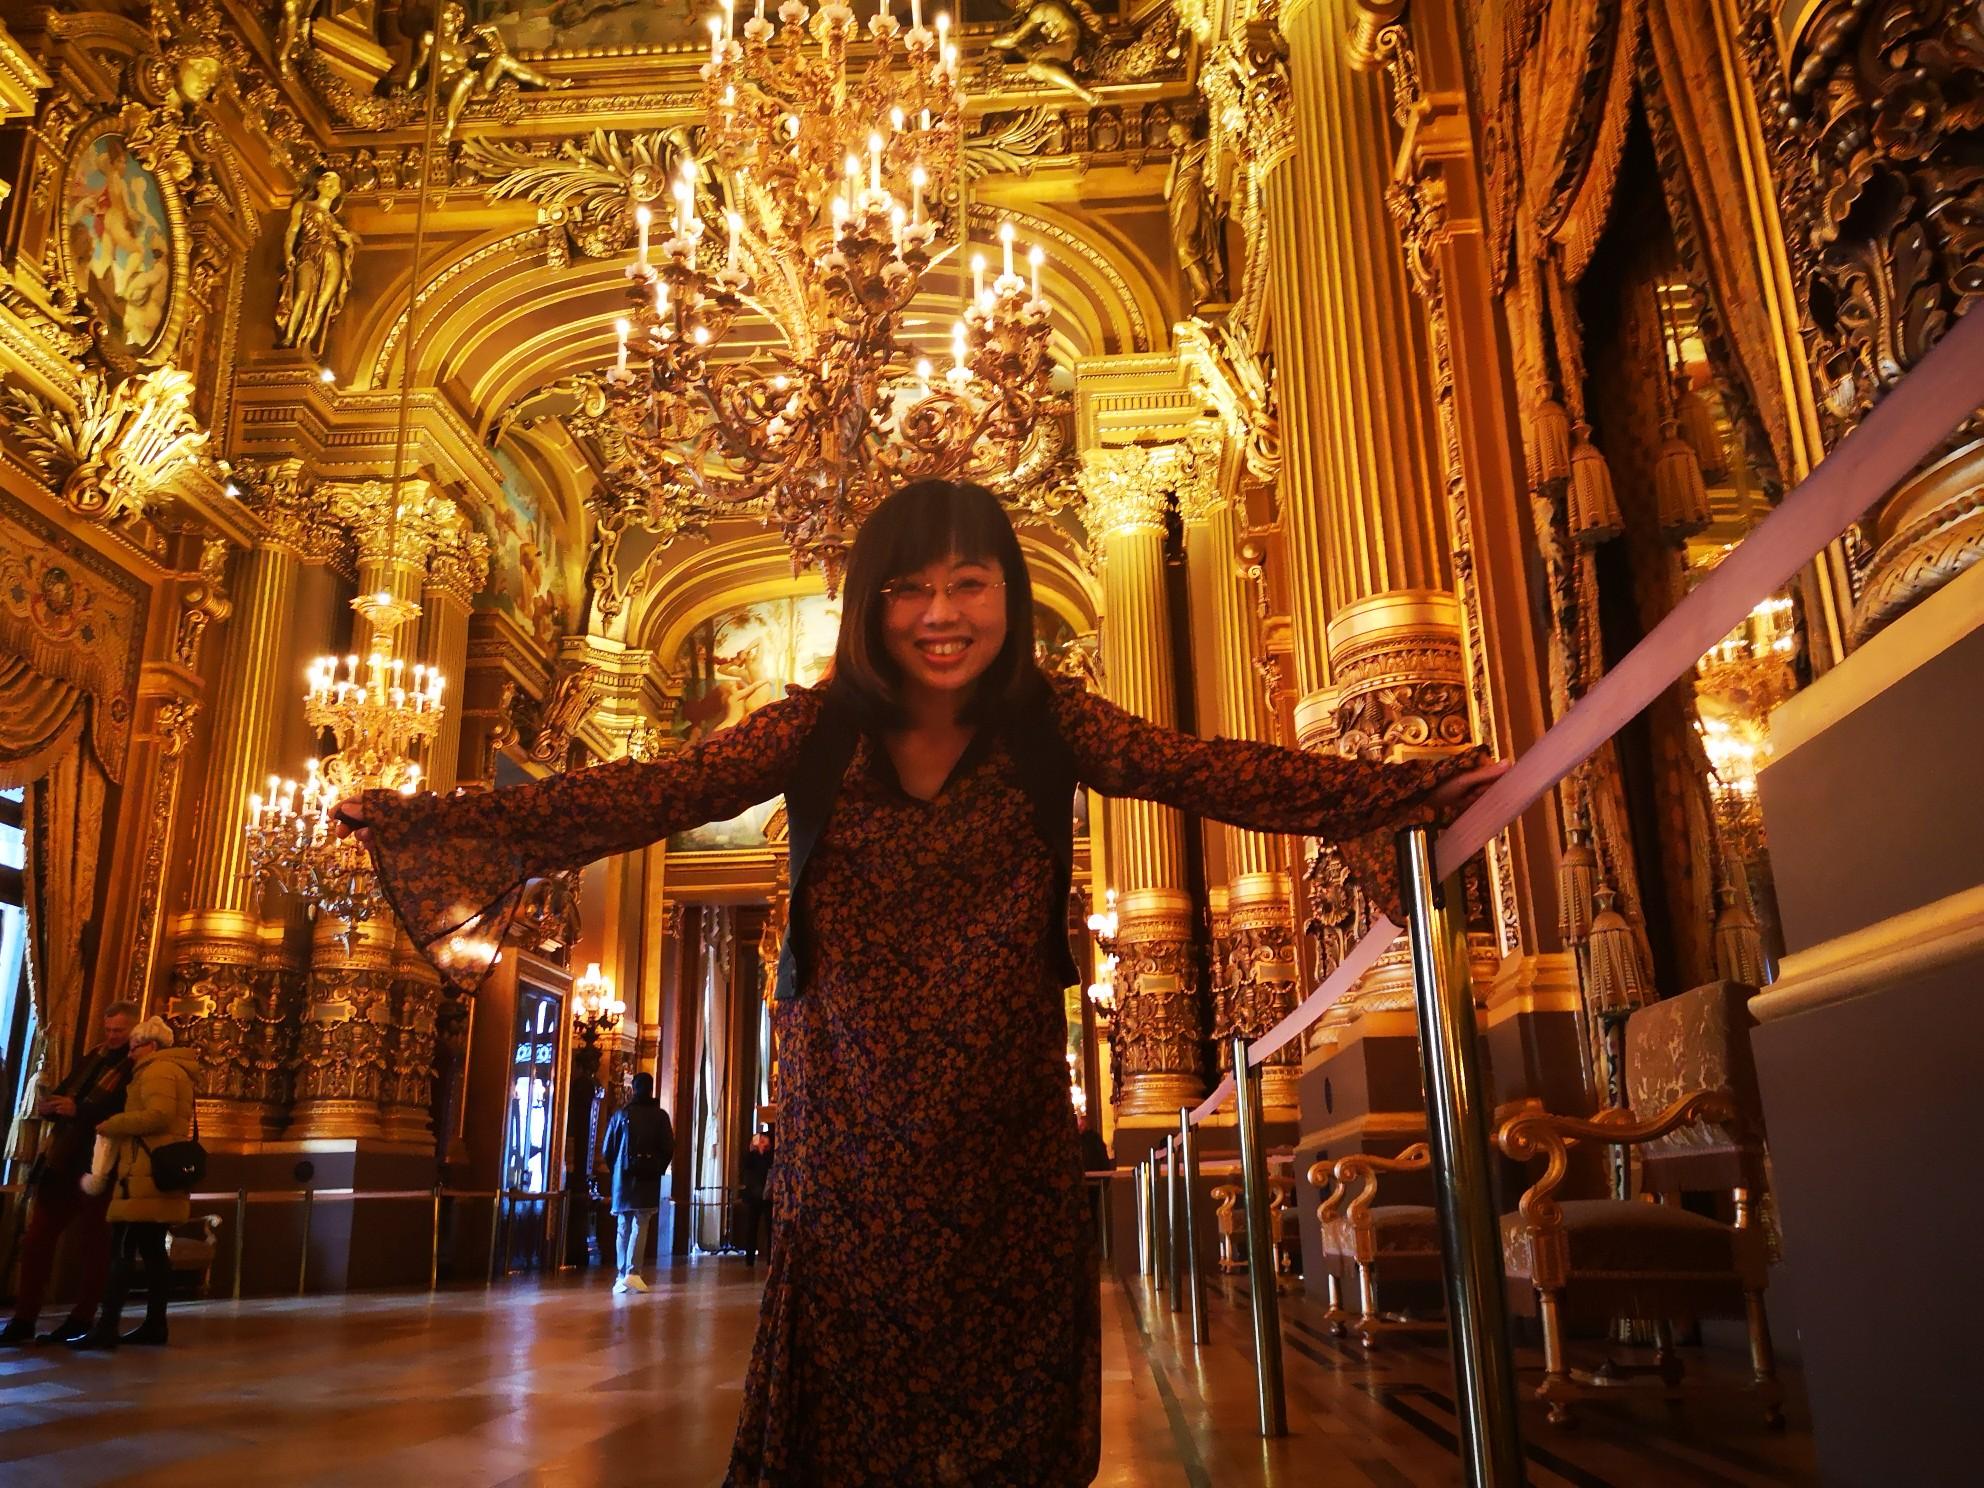 法国巴黎歌剧院 五星推荐 附两个四星推荐地